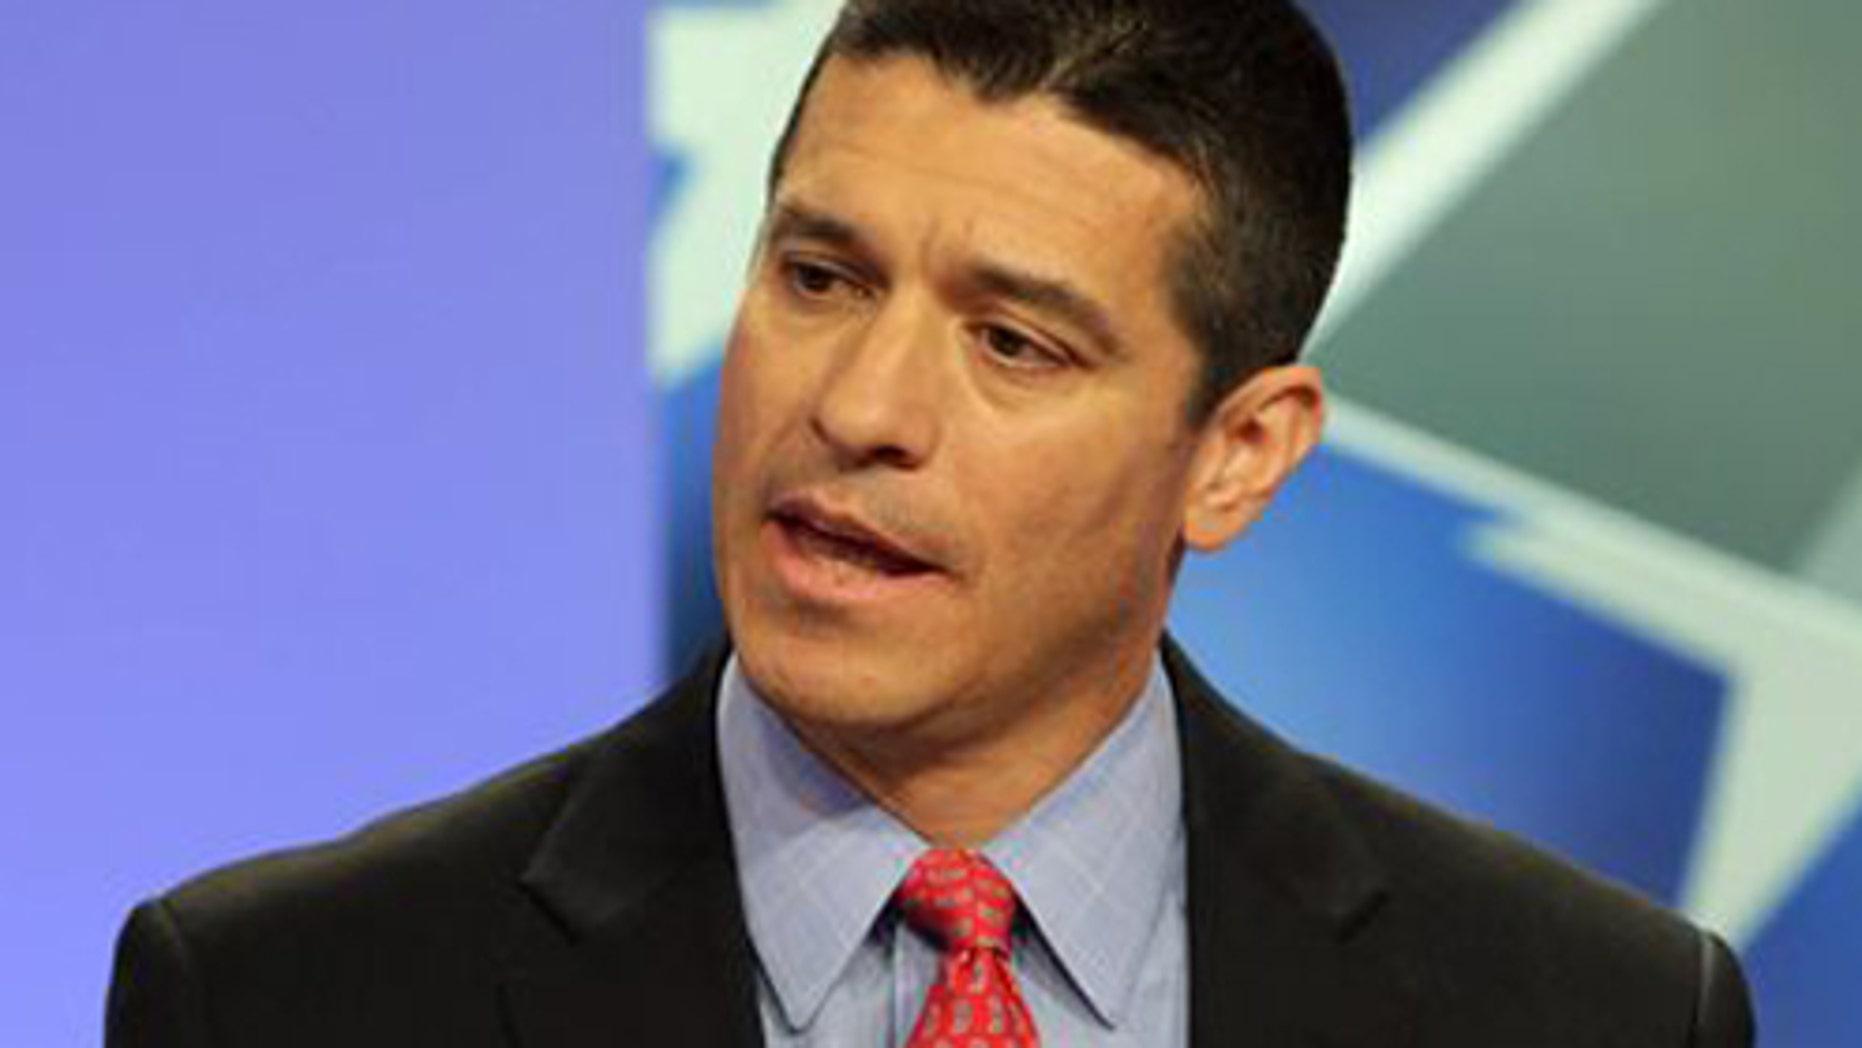 Republican candidate for U.S. Senate Gabriel Gomez.